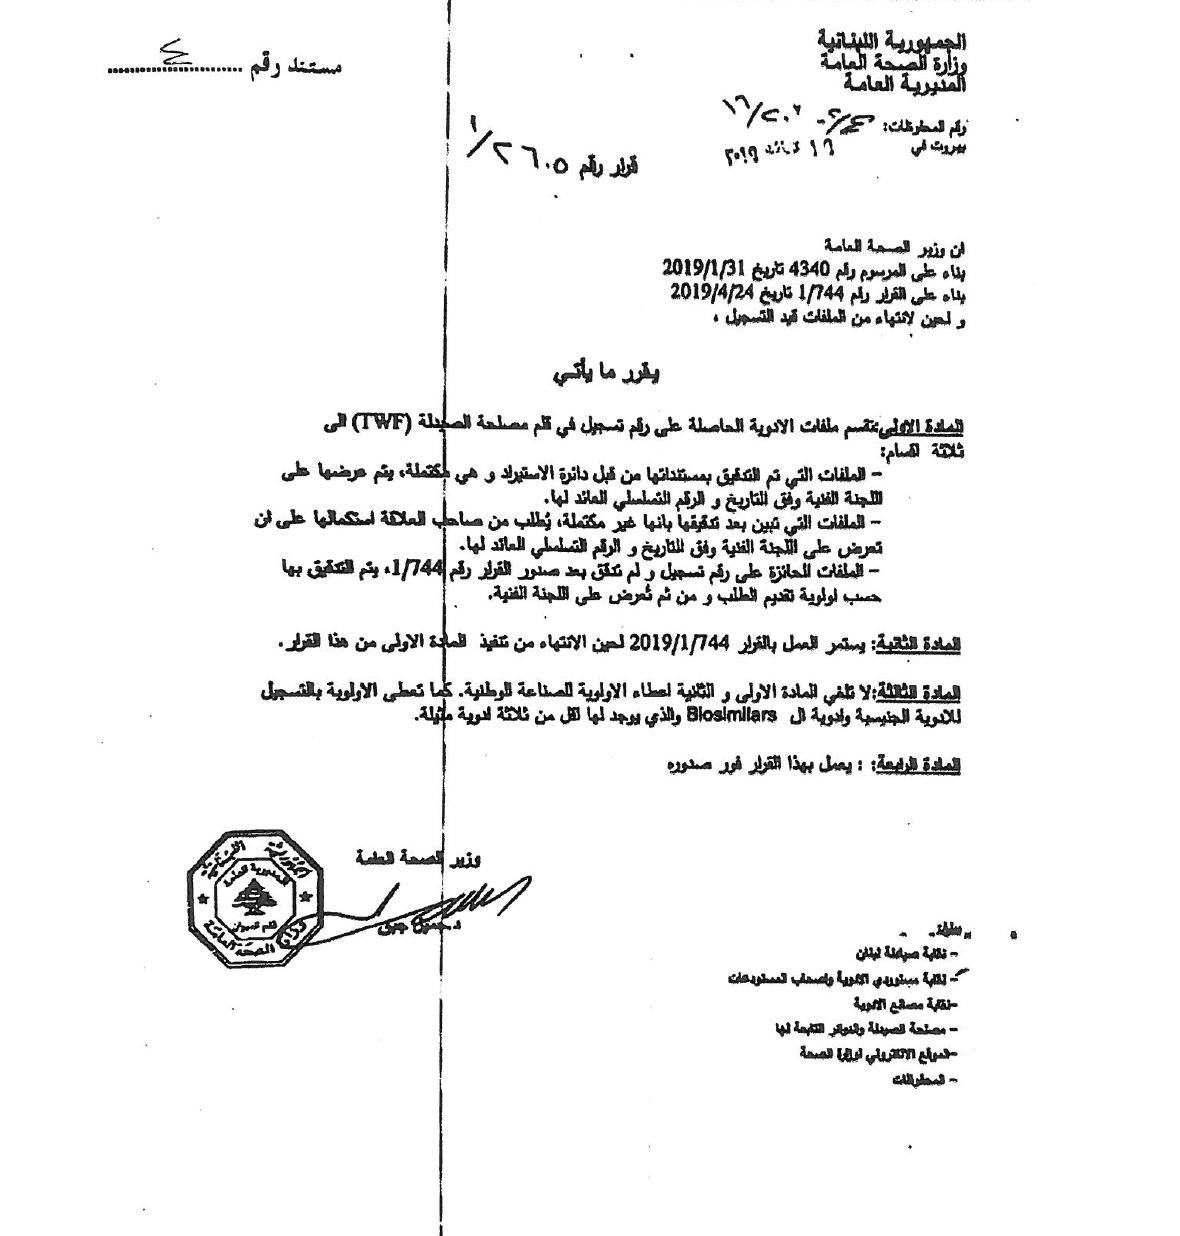 عاد الوزير واستثنى من المنع بالقرار رقم 1/2605 أدوية البیو مشابهة